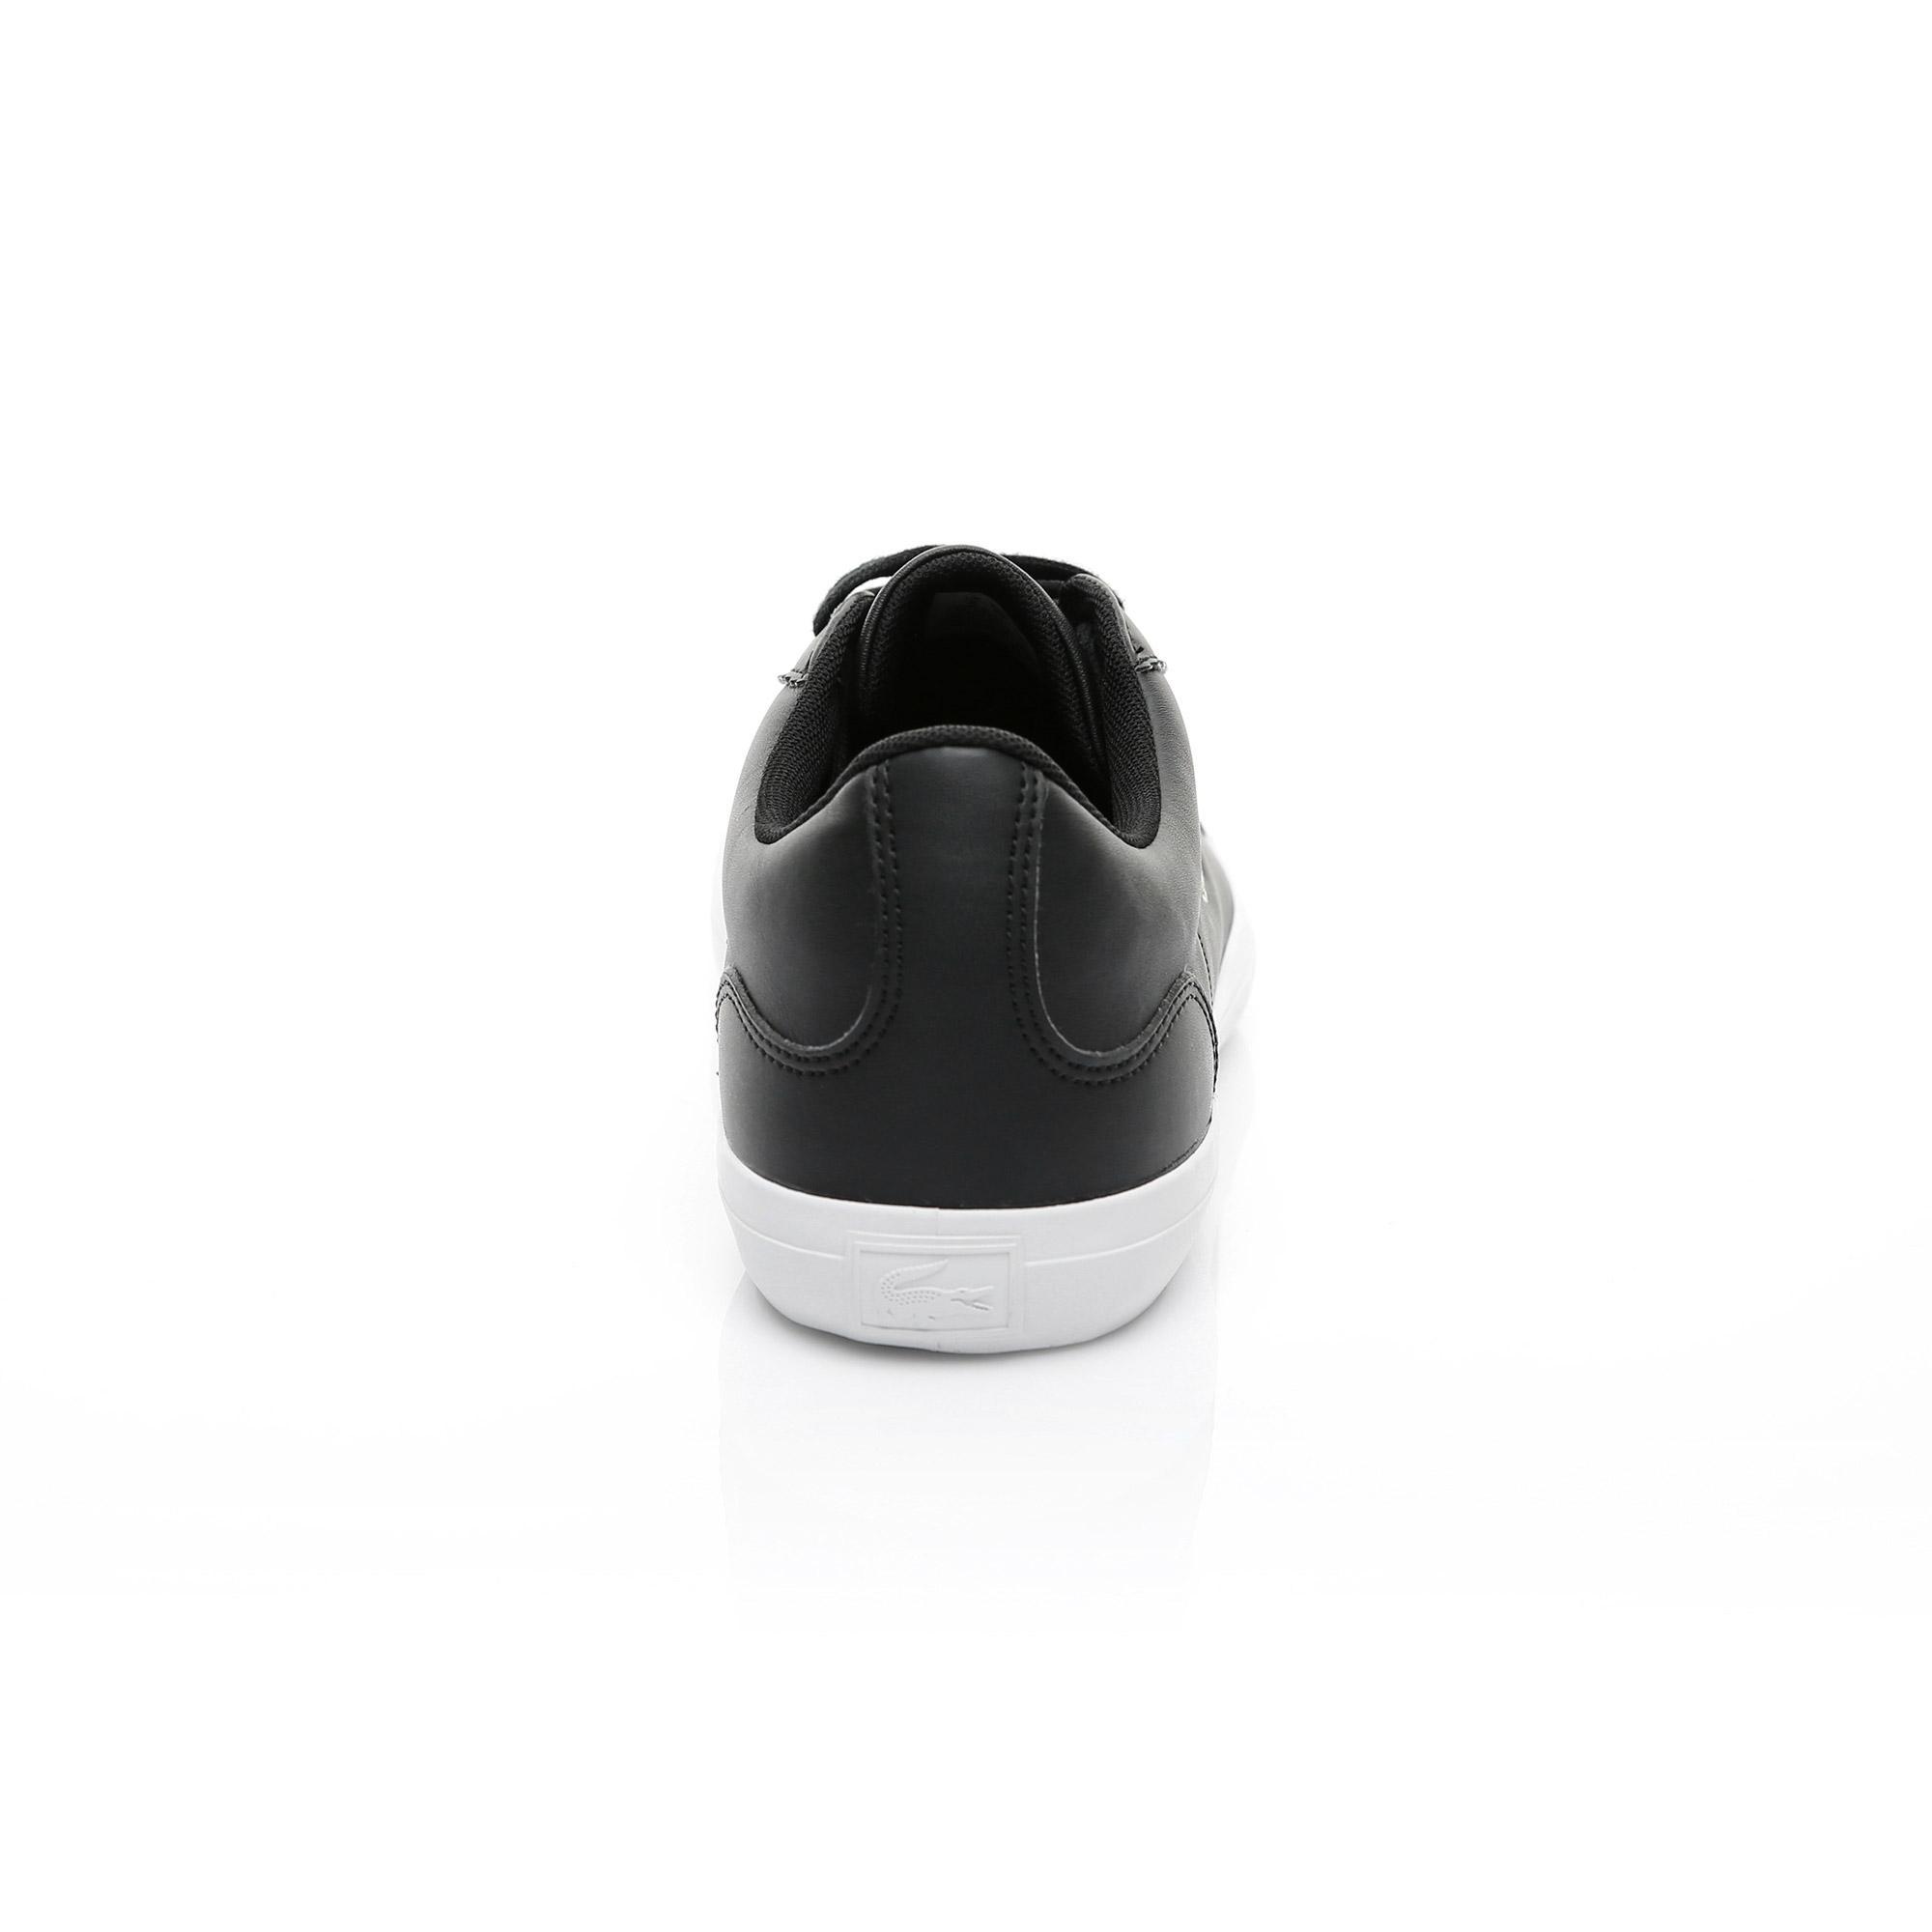 Lacoste Lerond BL Erkek Siyah Spor Ayakkabısı